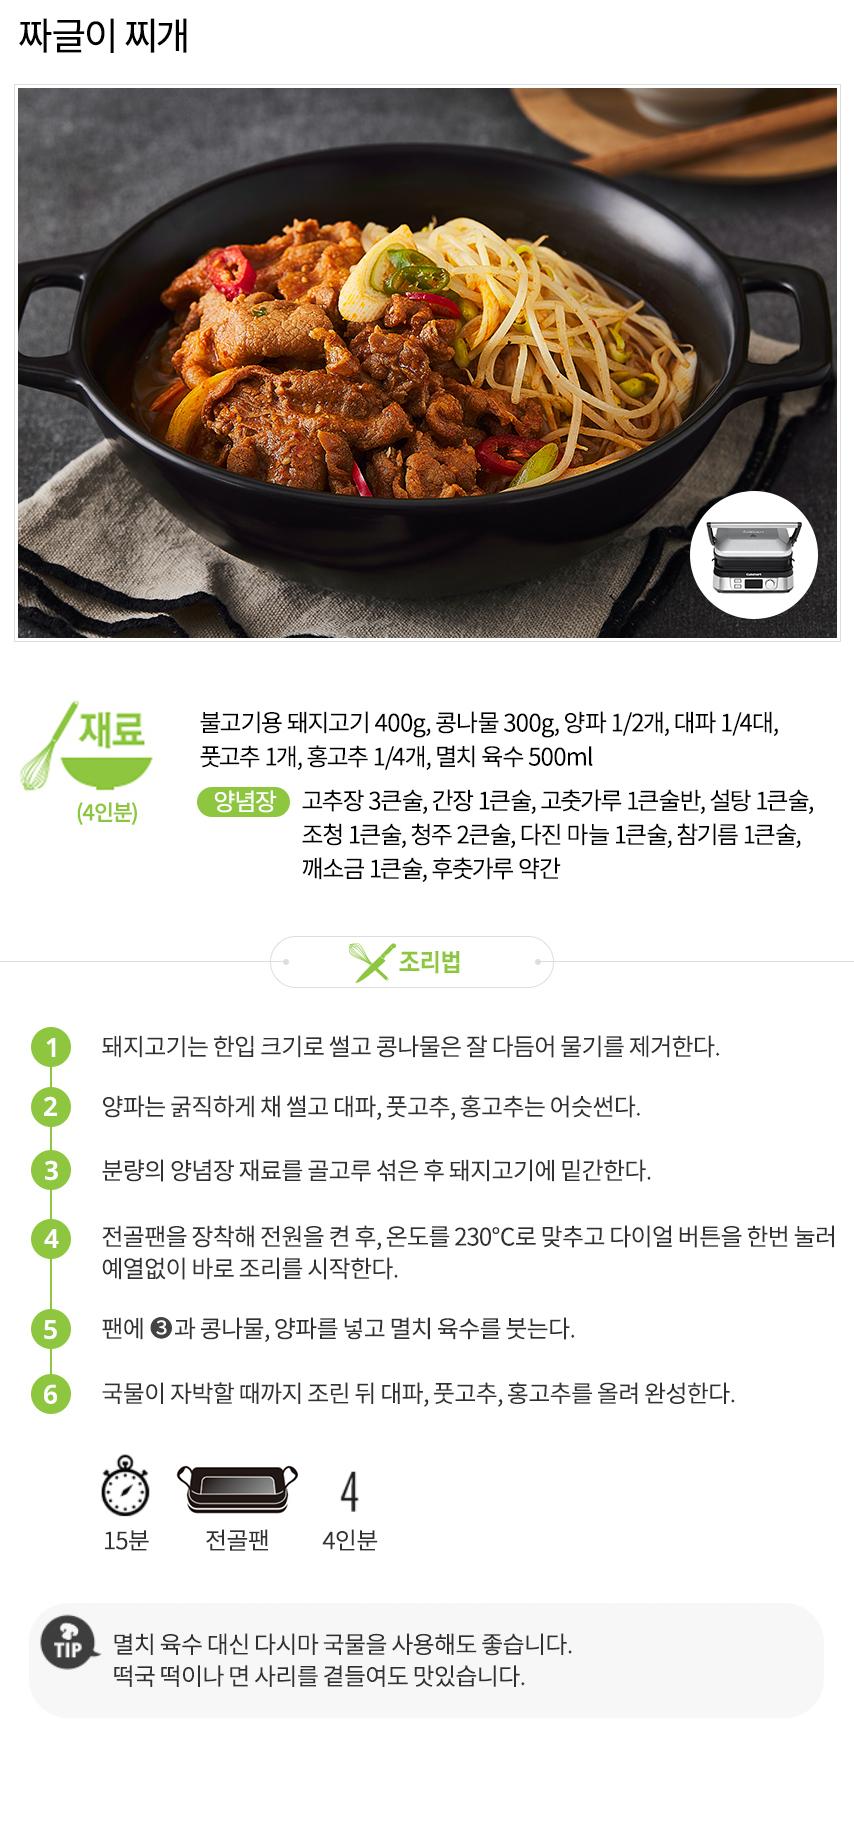 쿠진아트_레시피_리뉴얼_짜글이찌개 (1).jpg